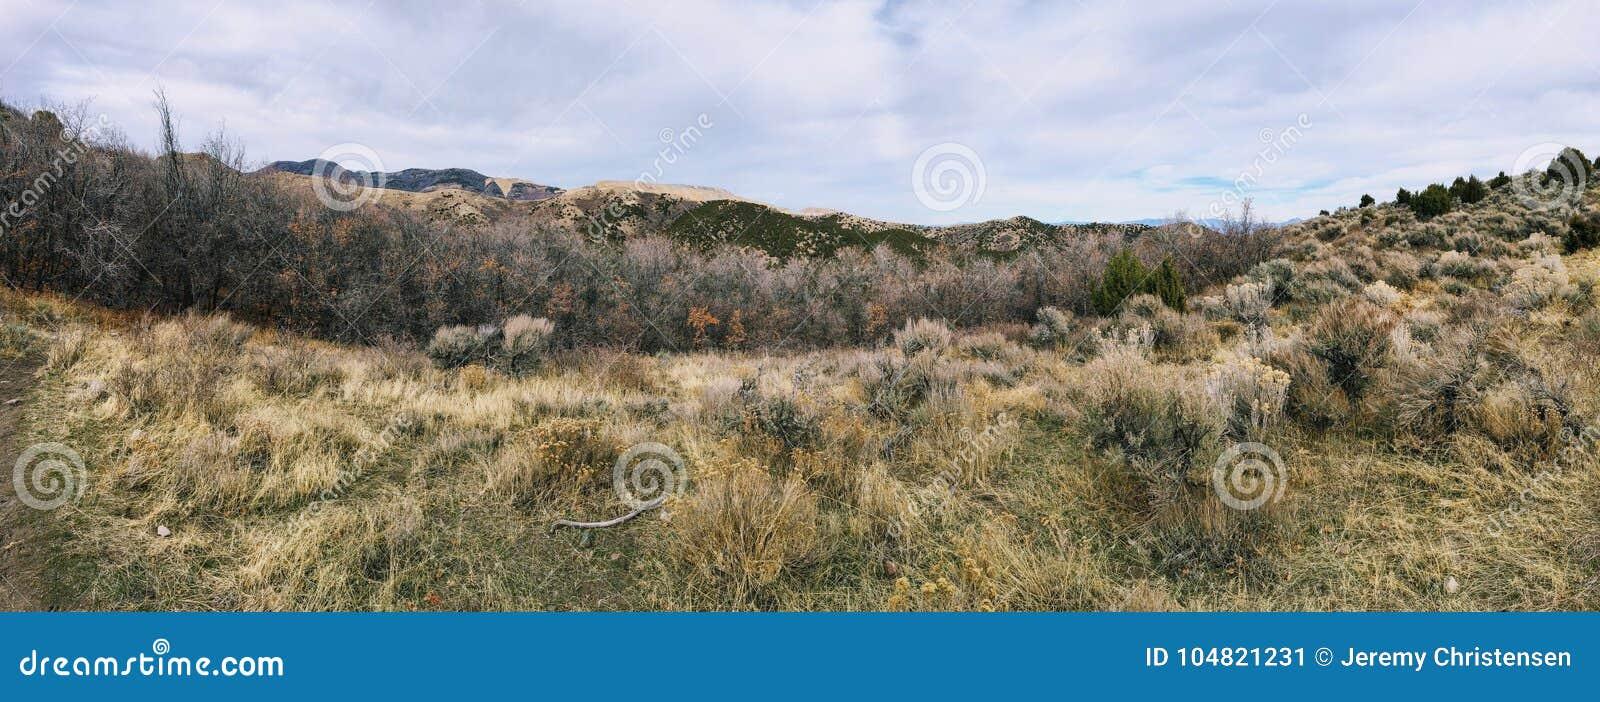 Последний лес панорамы падения осматривает пеший туризм, велосипед, верхом отстает через деревья на желтой вилке и розовый каньон